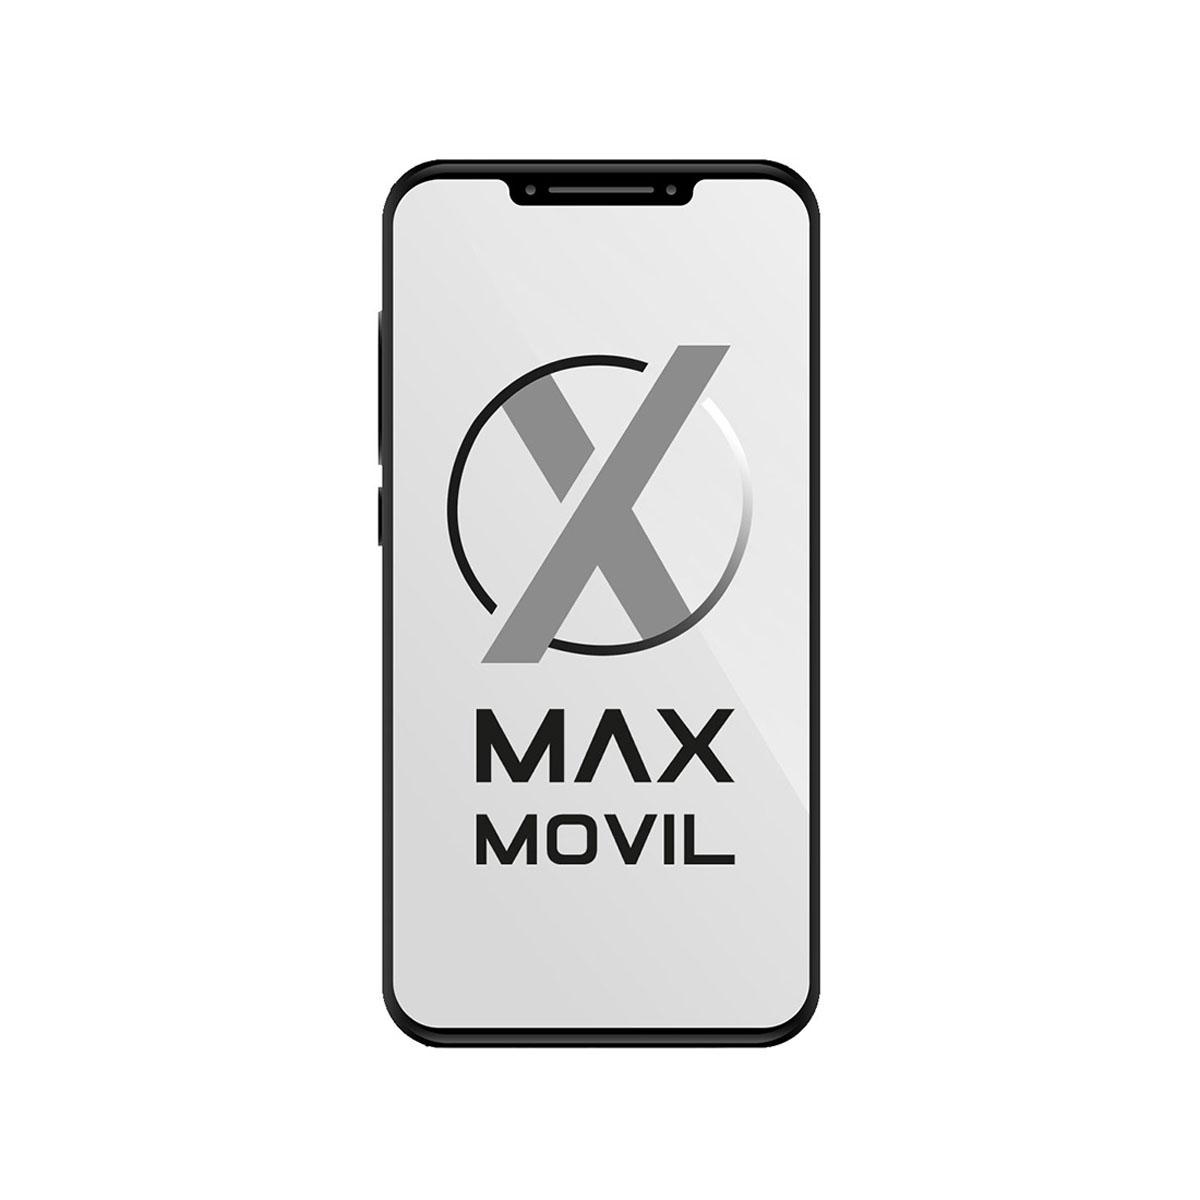 Tablet LG GPad 8.0 blanco 4G